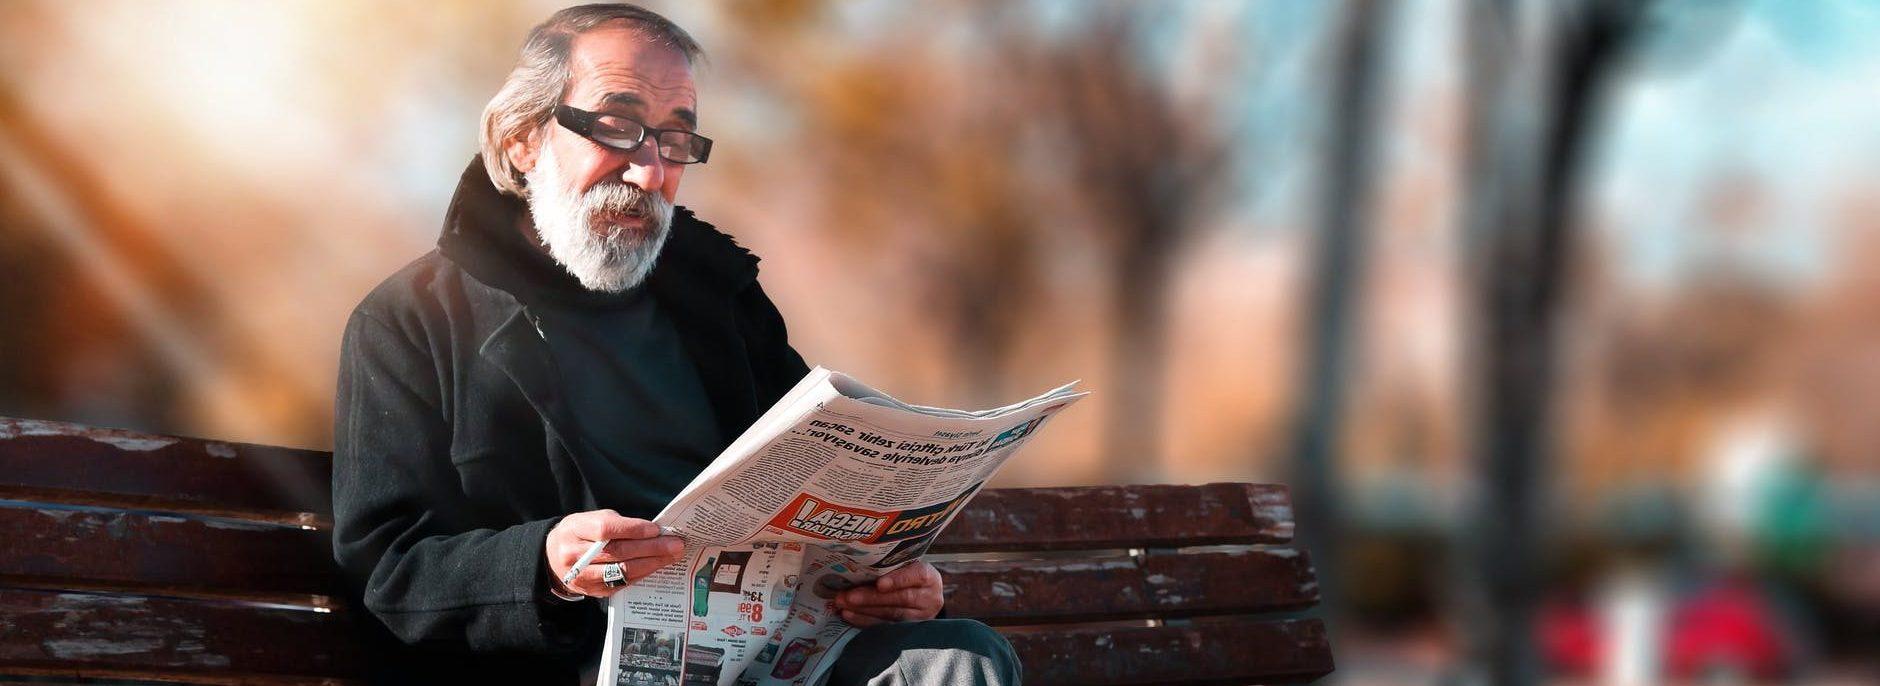 pension de réversion nouvelle loi